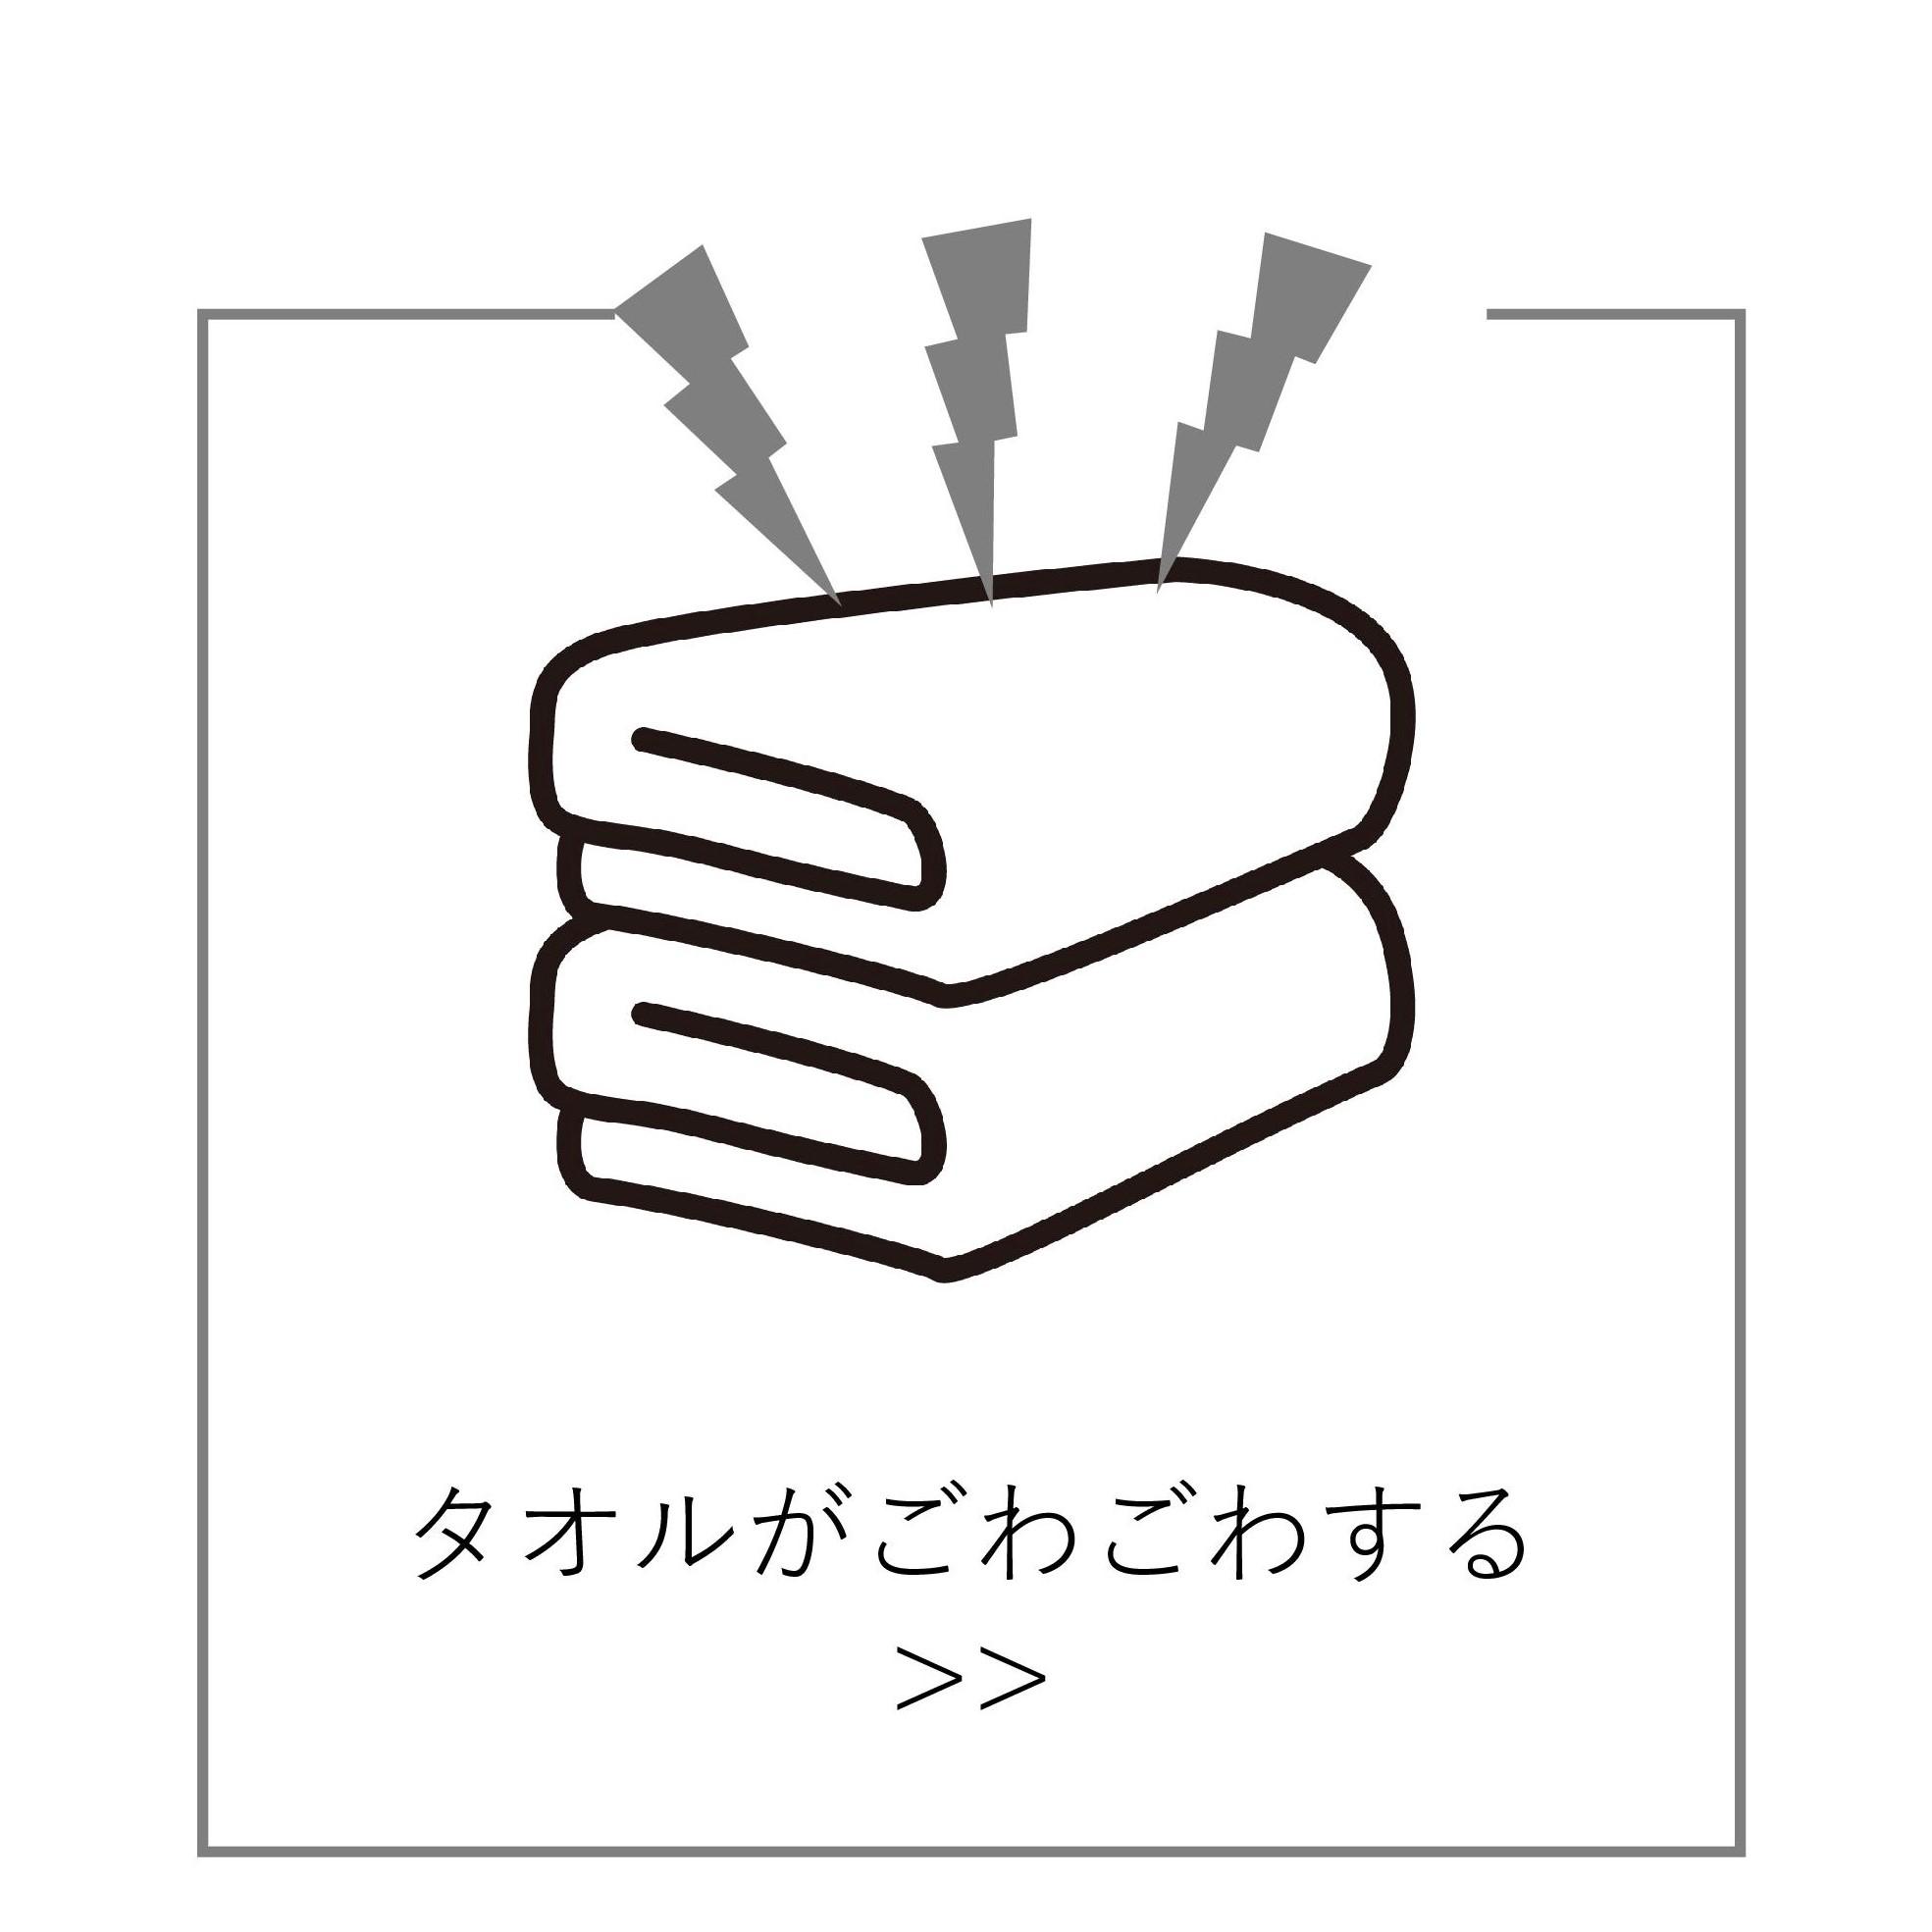 タオルアイコン ガス衣類乾燥機